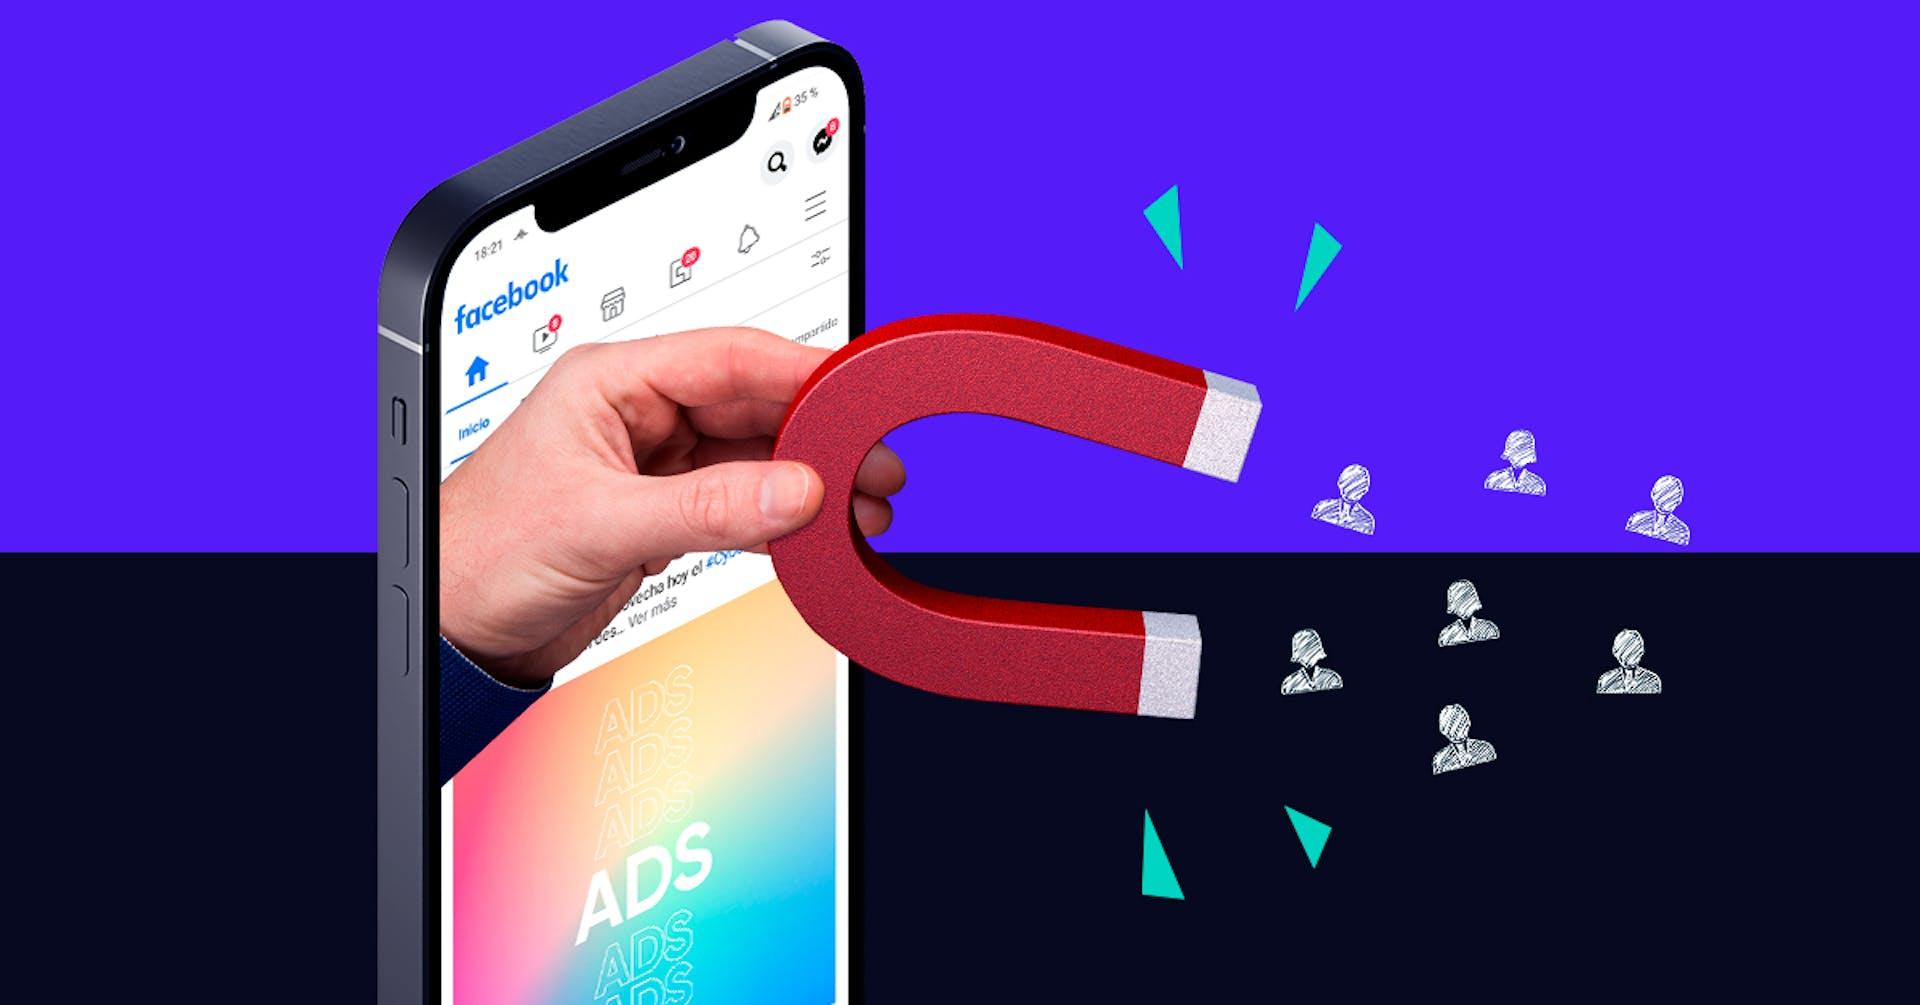 ¿Cómo funciona Facebook Ads? Lo que todo principiante debe saber